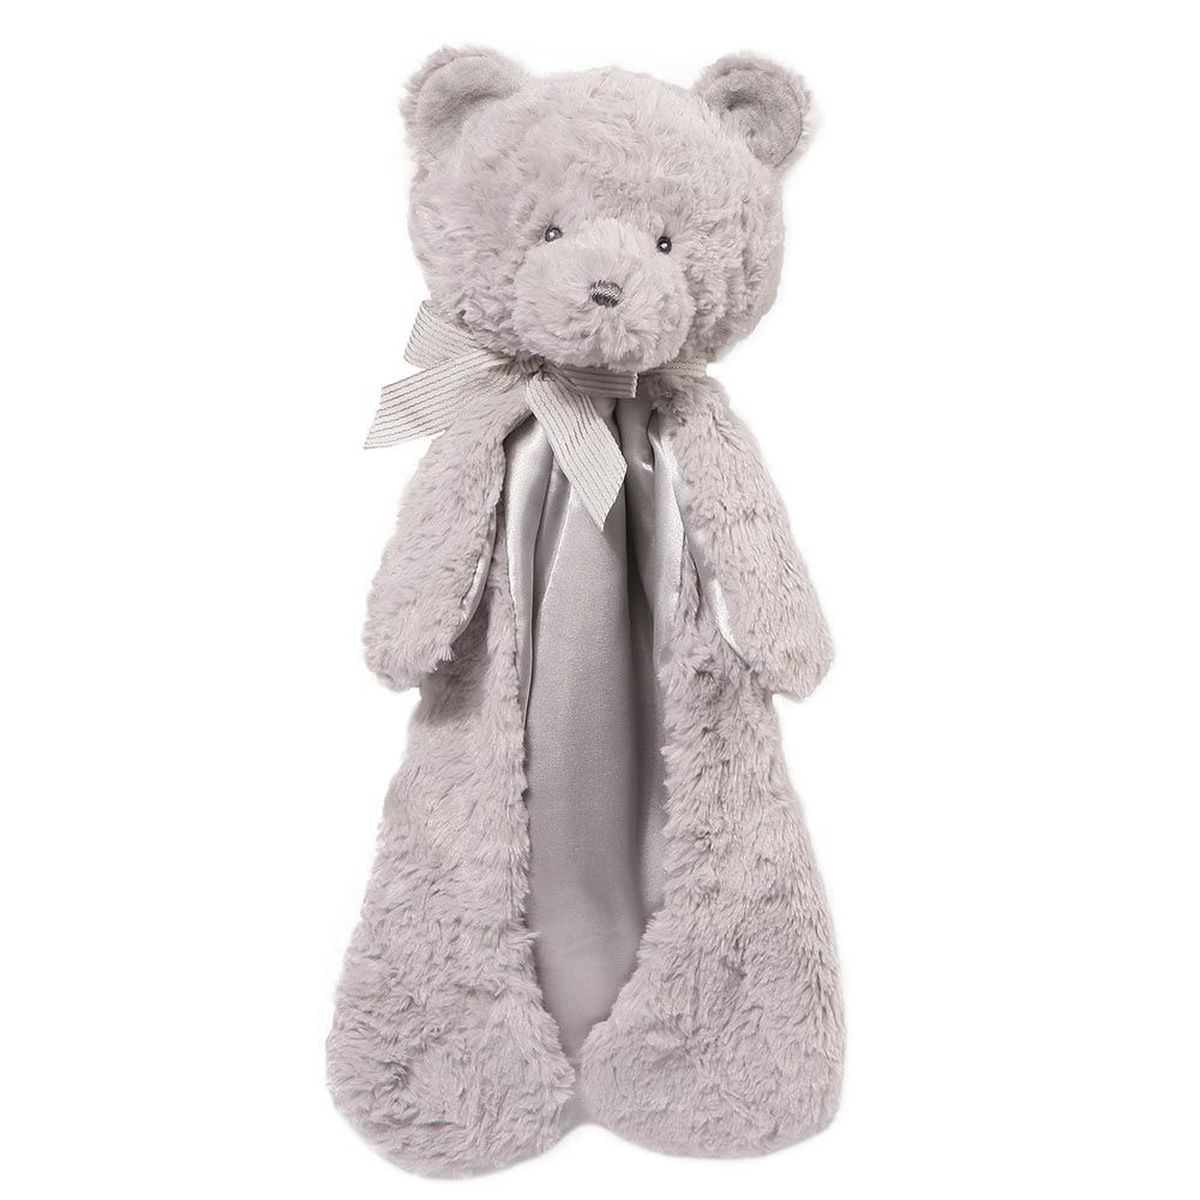 Gund Мягкая игрушка Grayson Bear Huggybuddy 43 см мягкая игрушка paddington bear